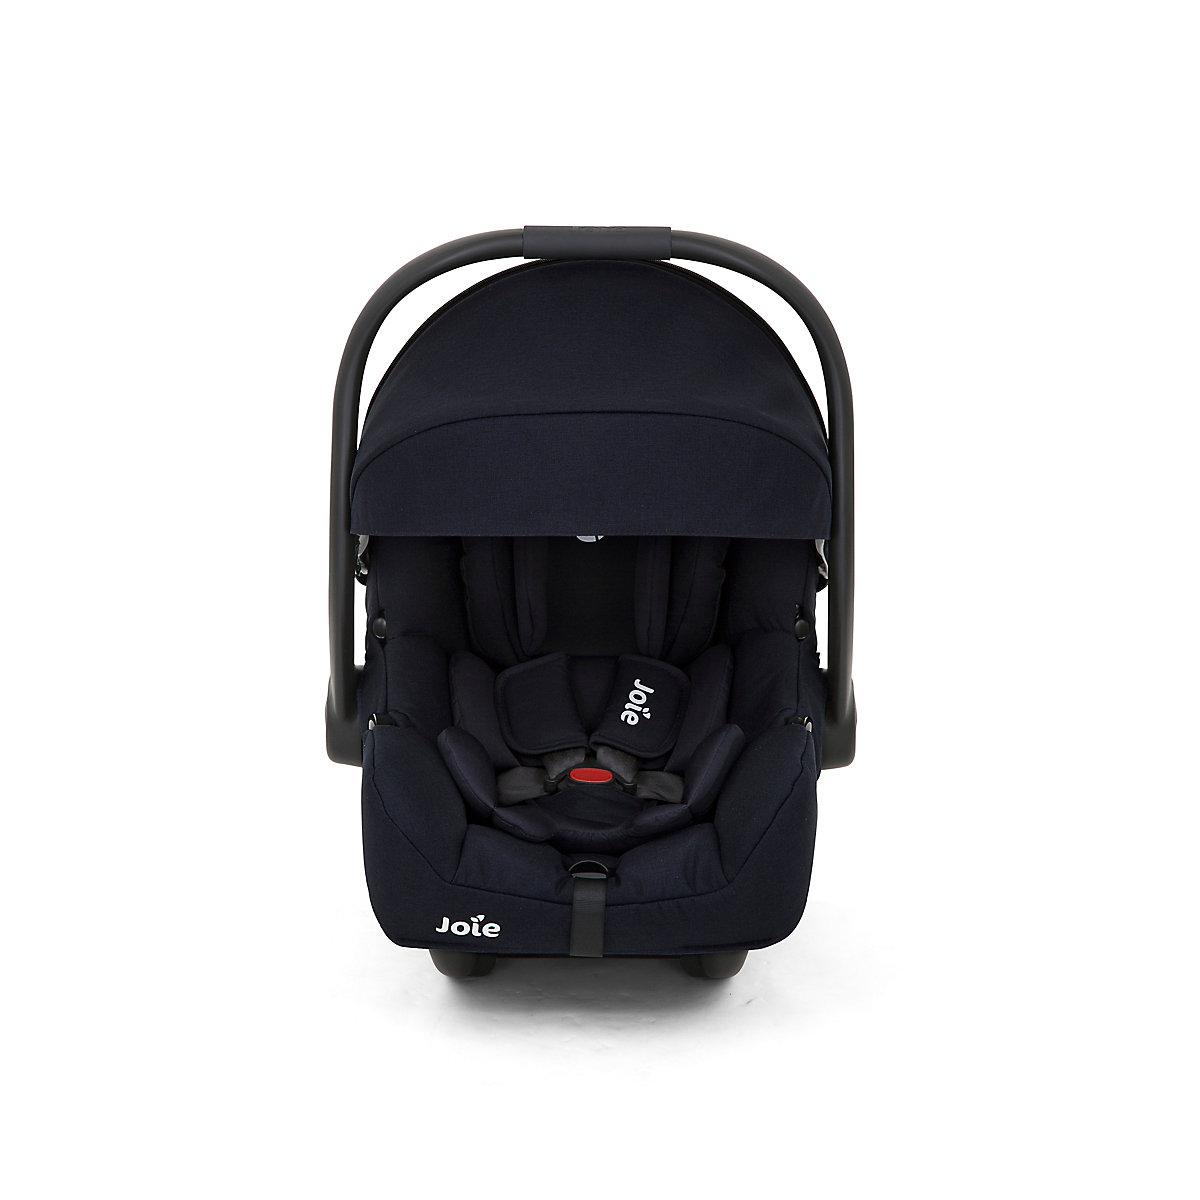 Joie i-Gemm iSize car seat – navy blazer